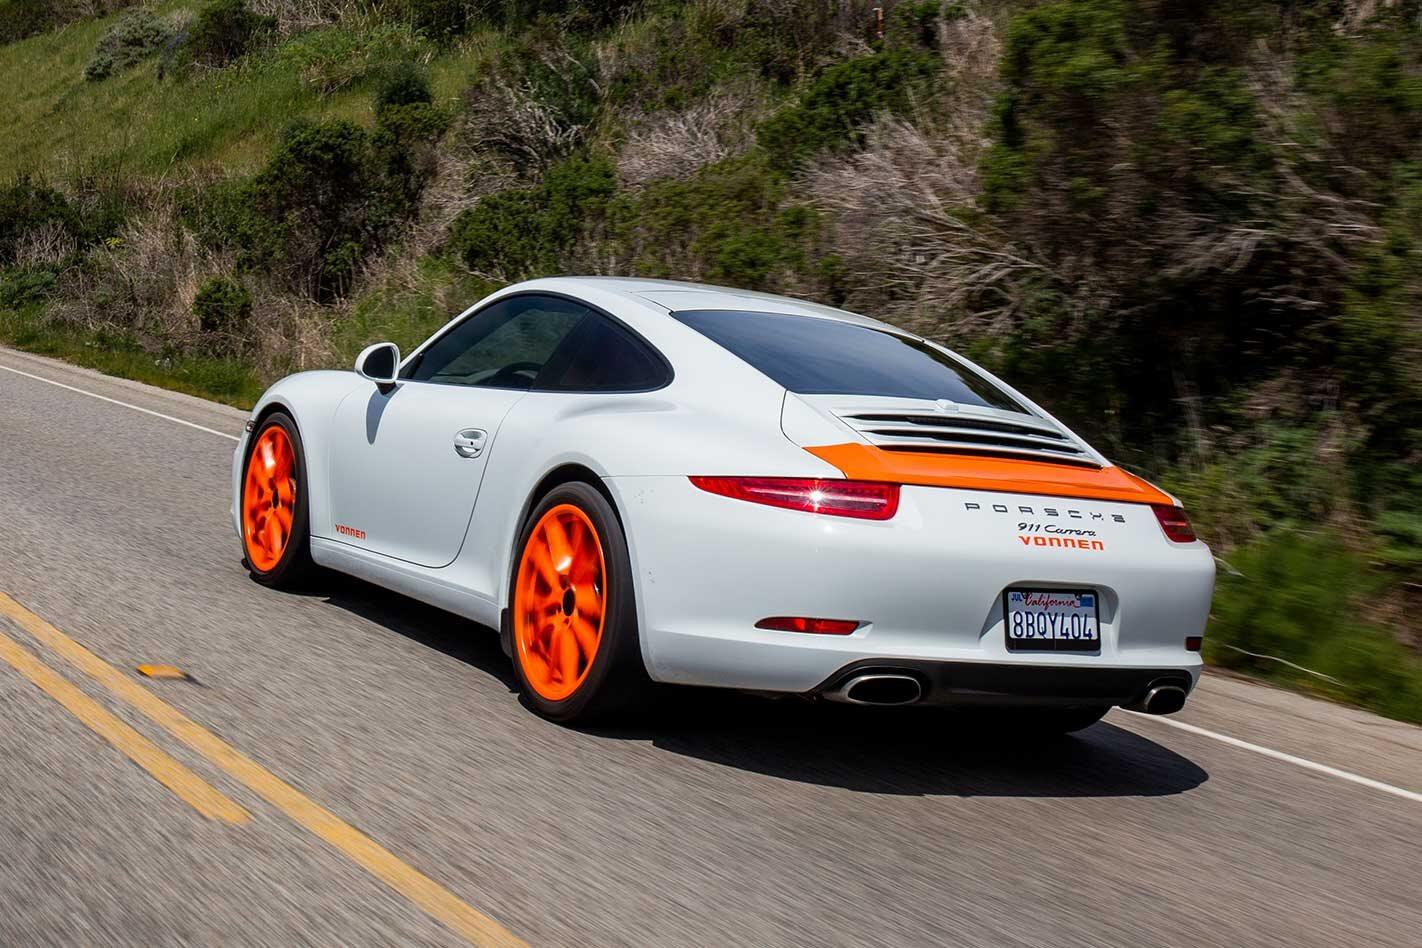 Vonnen Carrera hybrid Porsche 911 review